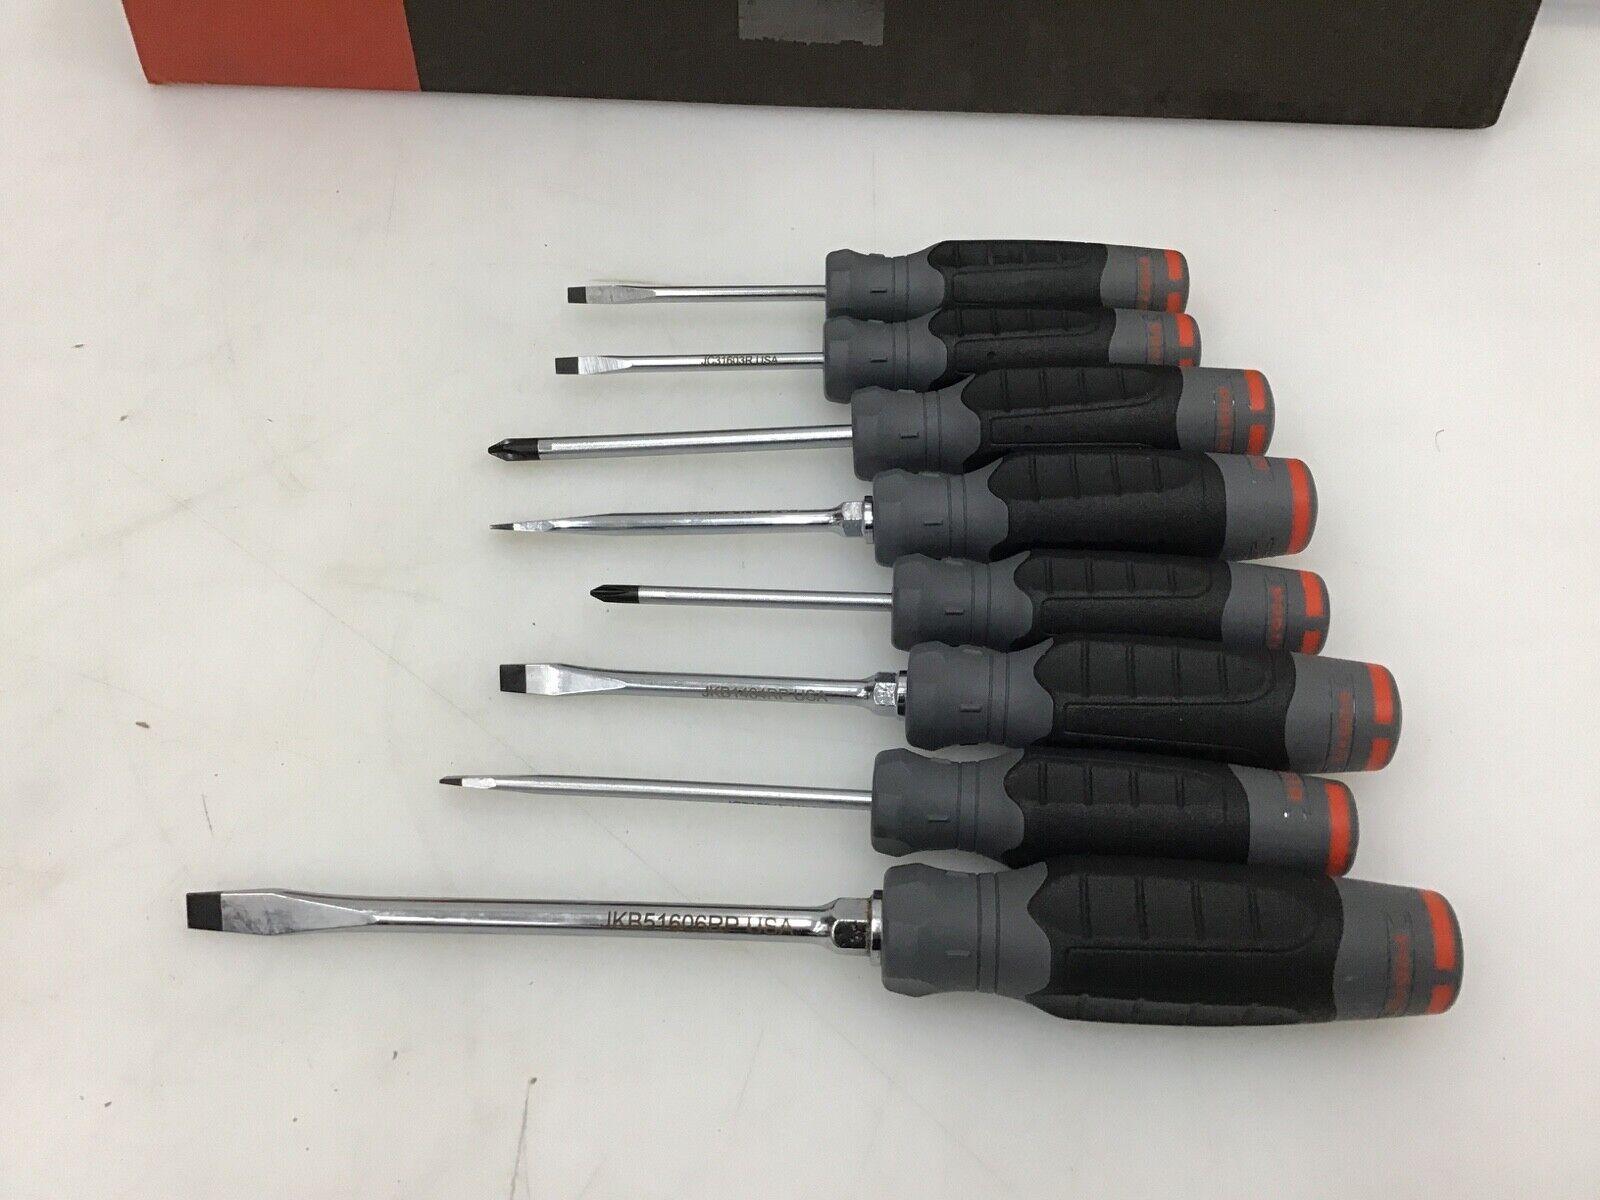 Stanley Proto J1204SC Duratek Precision Combination Screwdriver Set 4-Piece